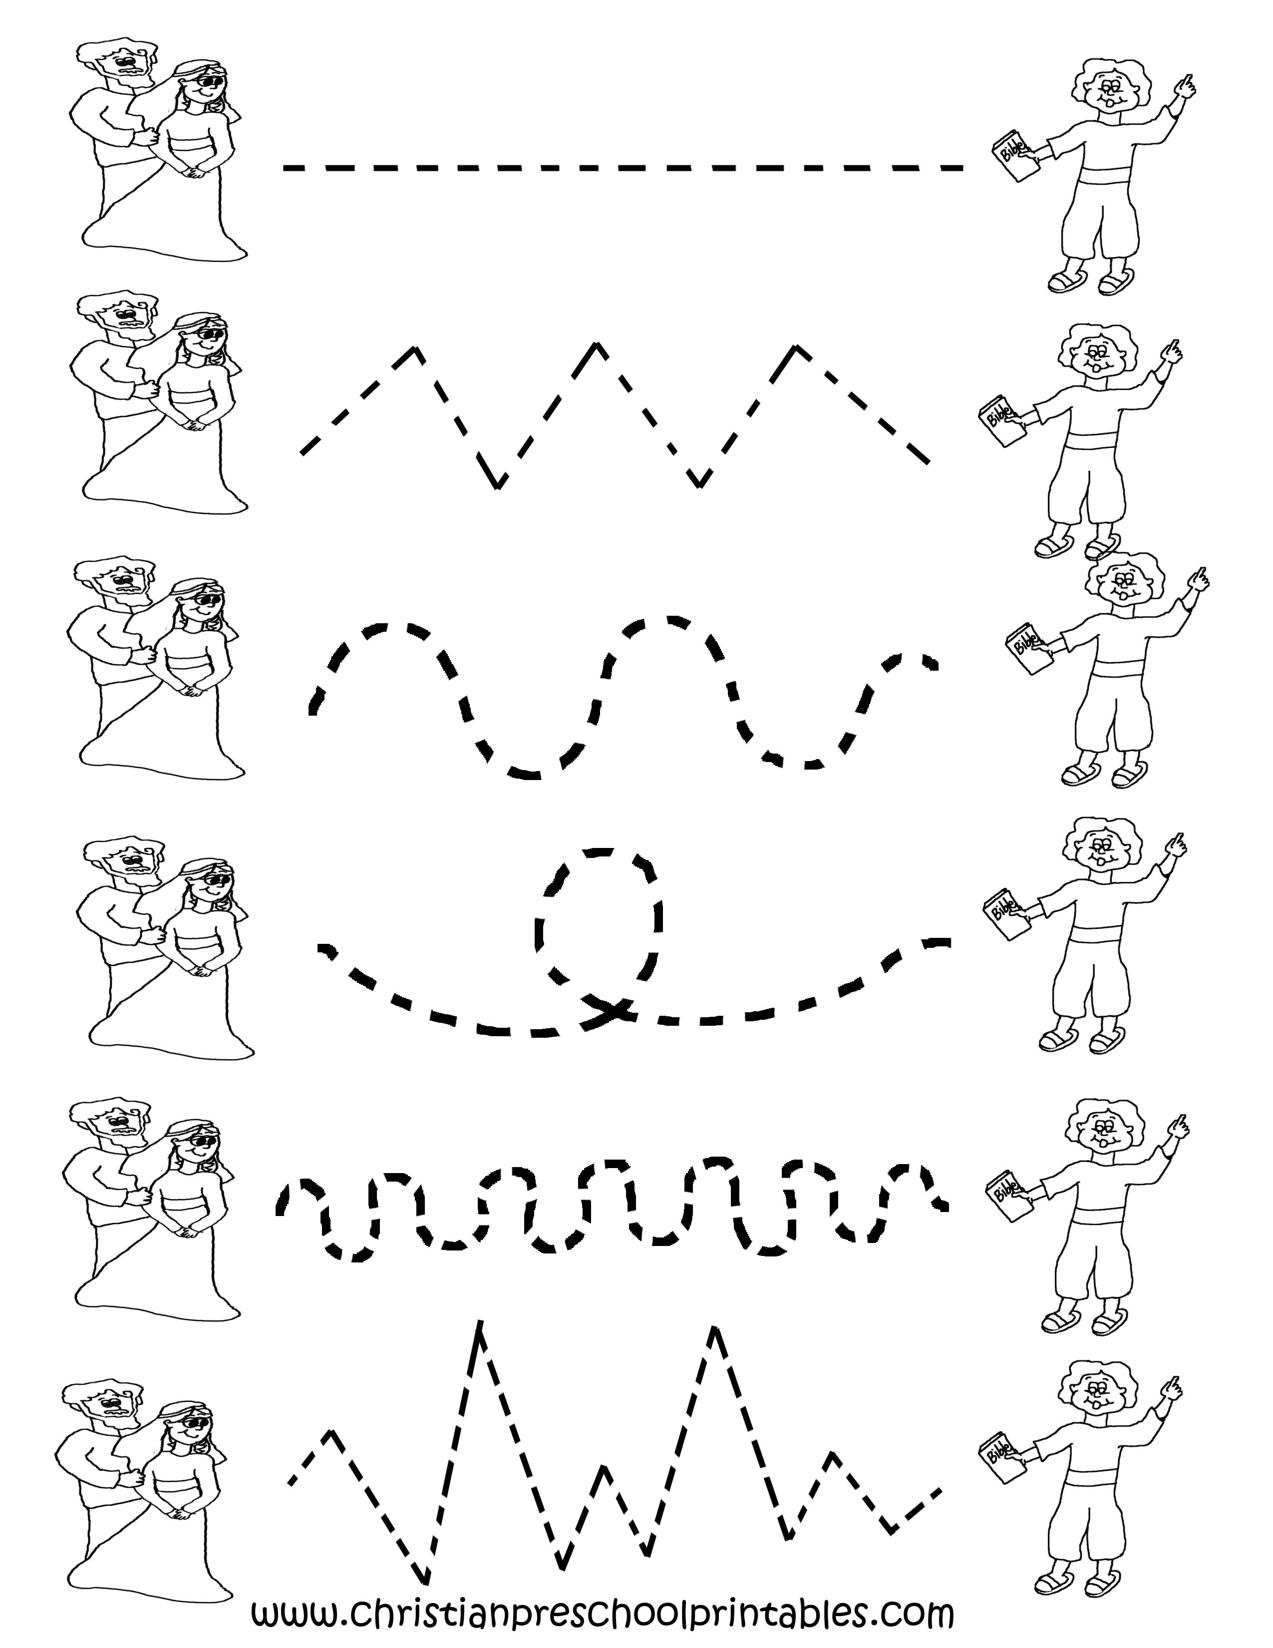 Free Printable Worksheets For Preschool | Preschool Tracing - Free Printable Tracing Worksheets